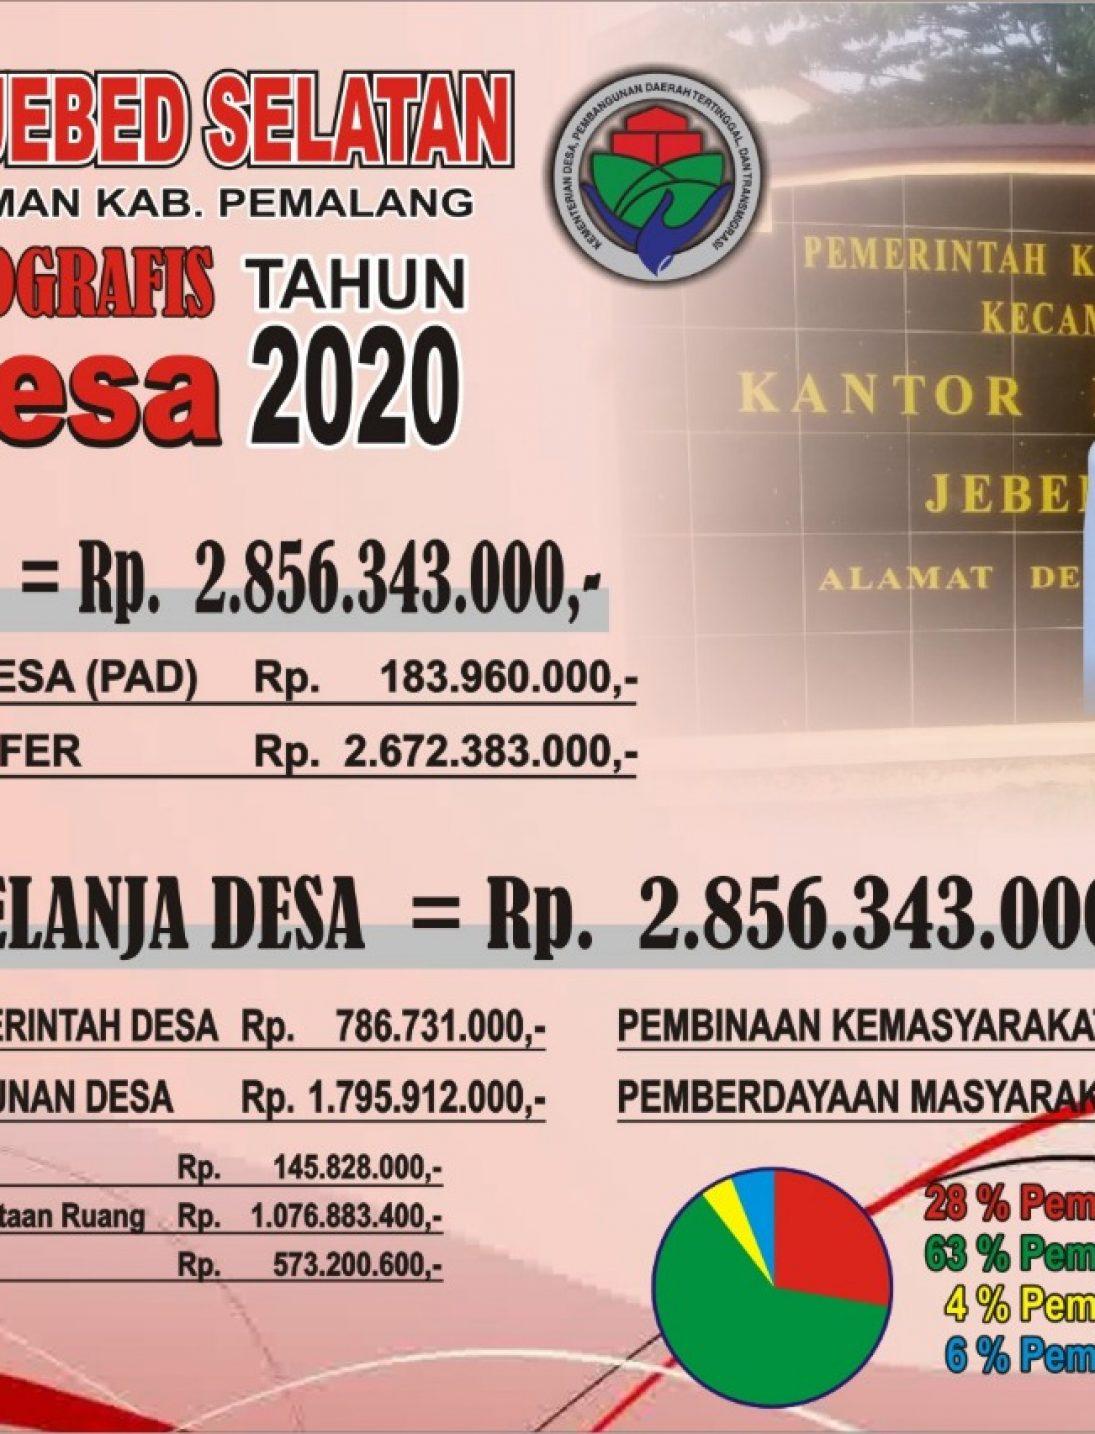 IMG-20200313-WA0001